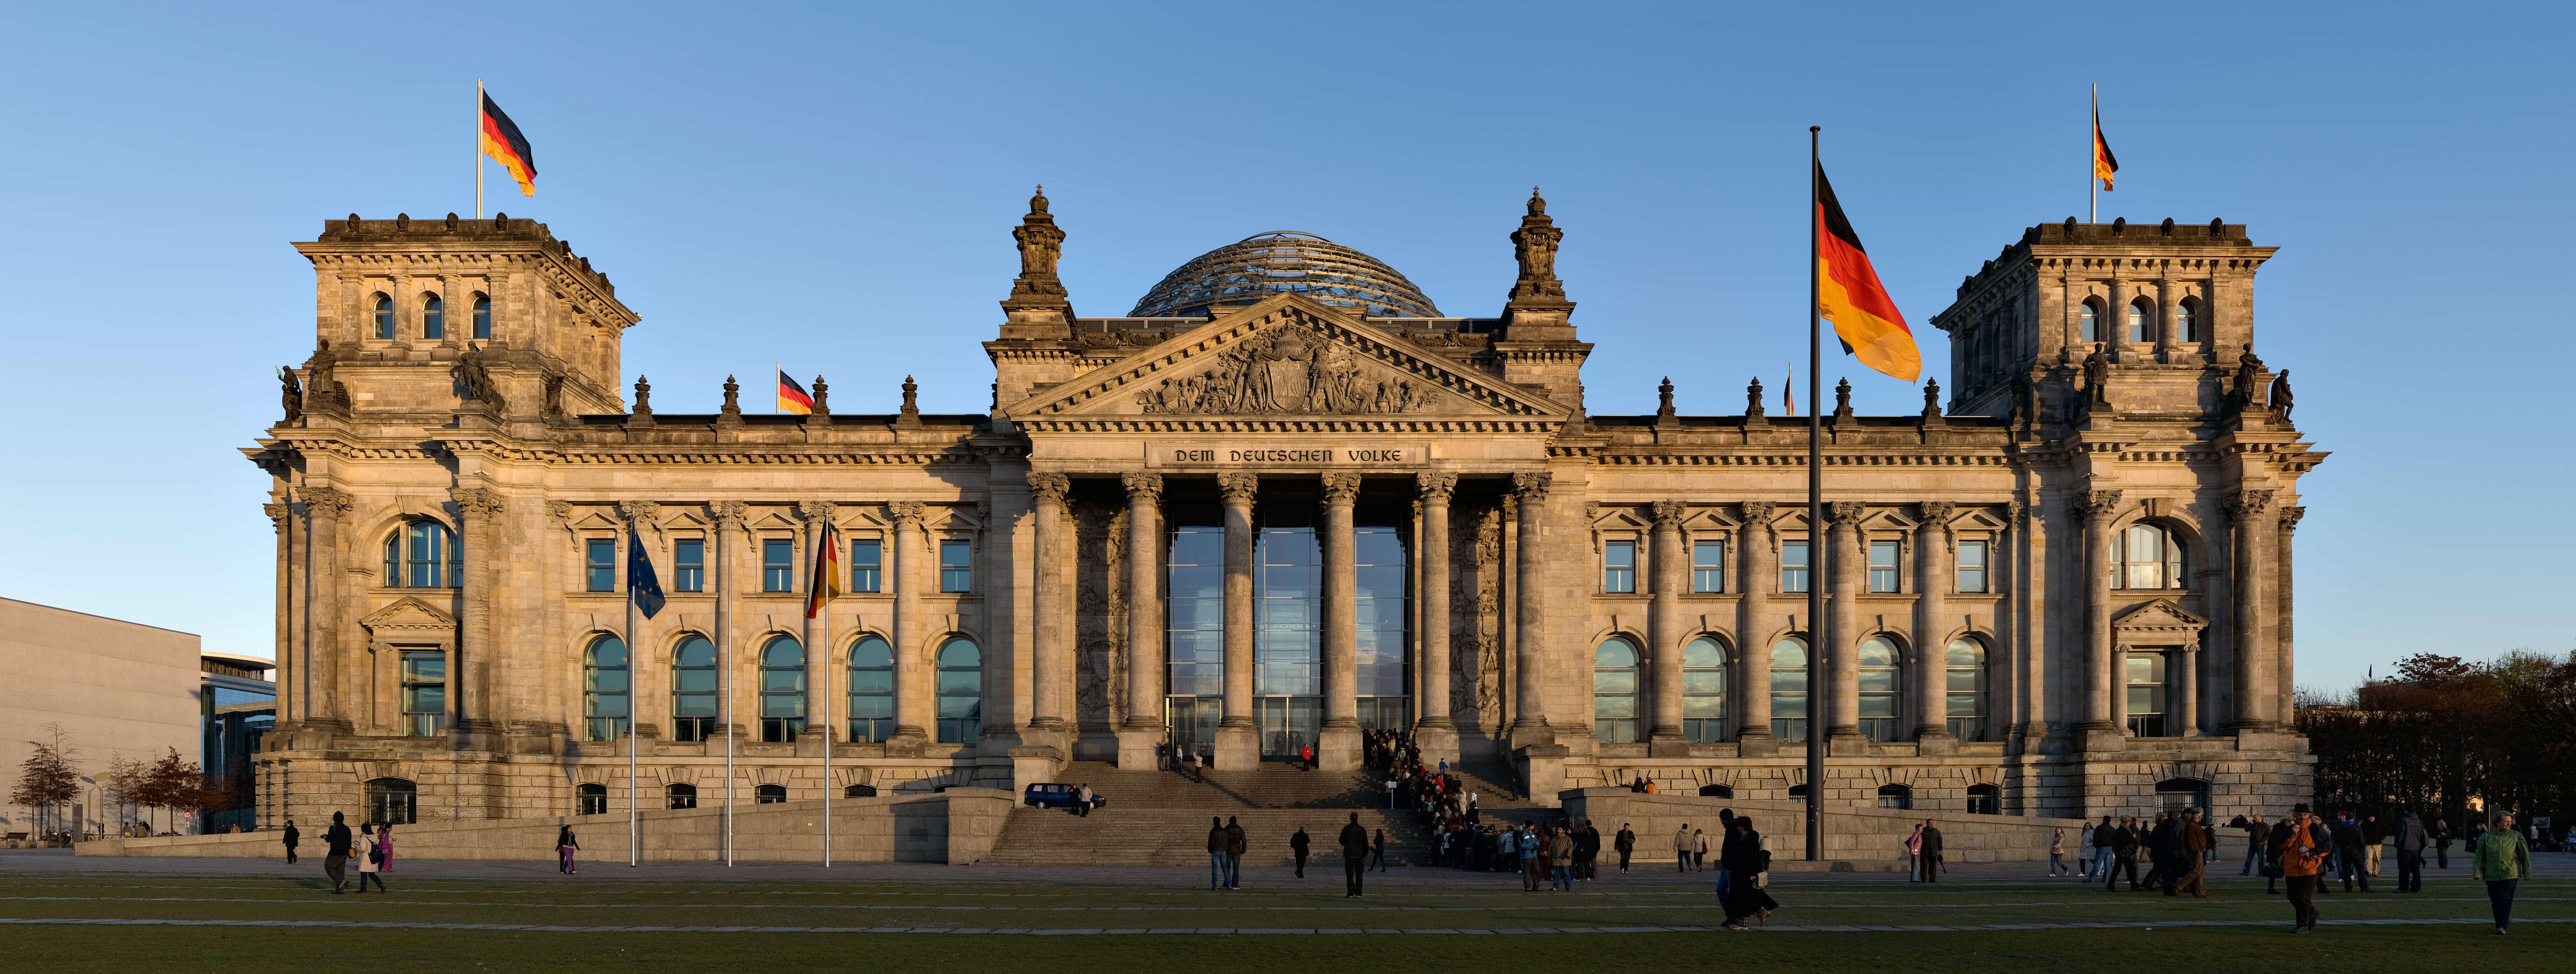 O que fazer em Berlim: Edifício Reichstag